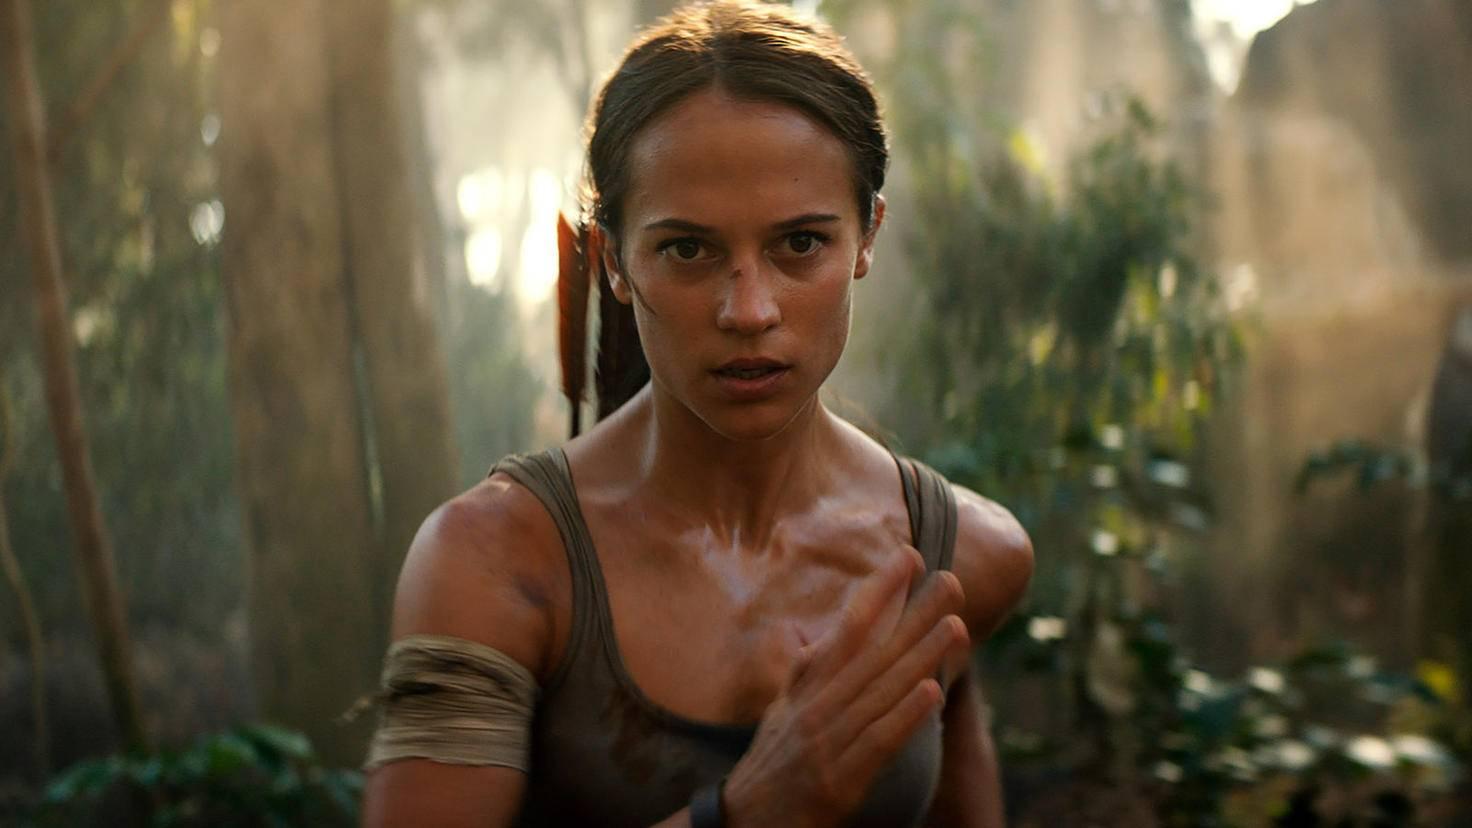 Lauf, Lara, lauf! Im Direktvergleich zwischen Alicia Vikander und Angelina Jolie hat für uns Alicia die Nase vorn.